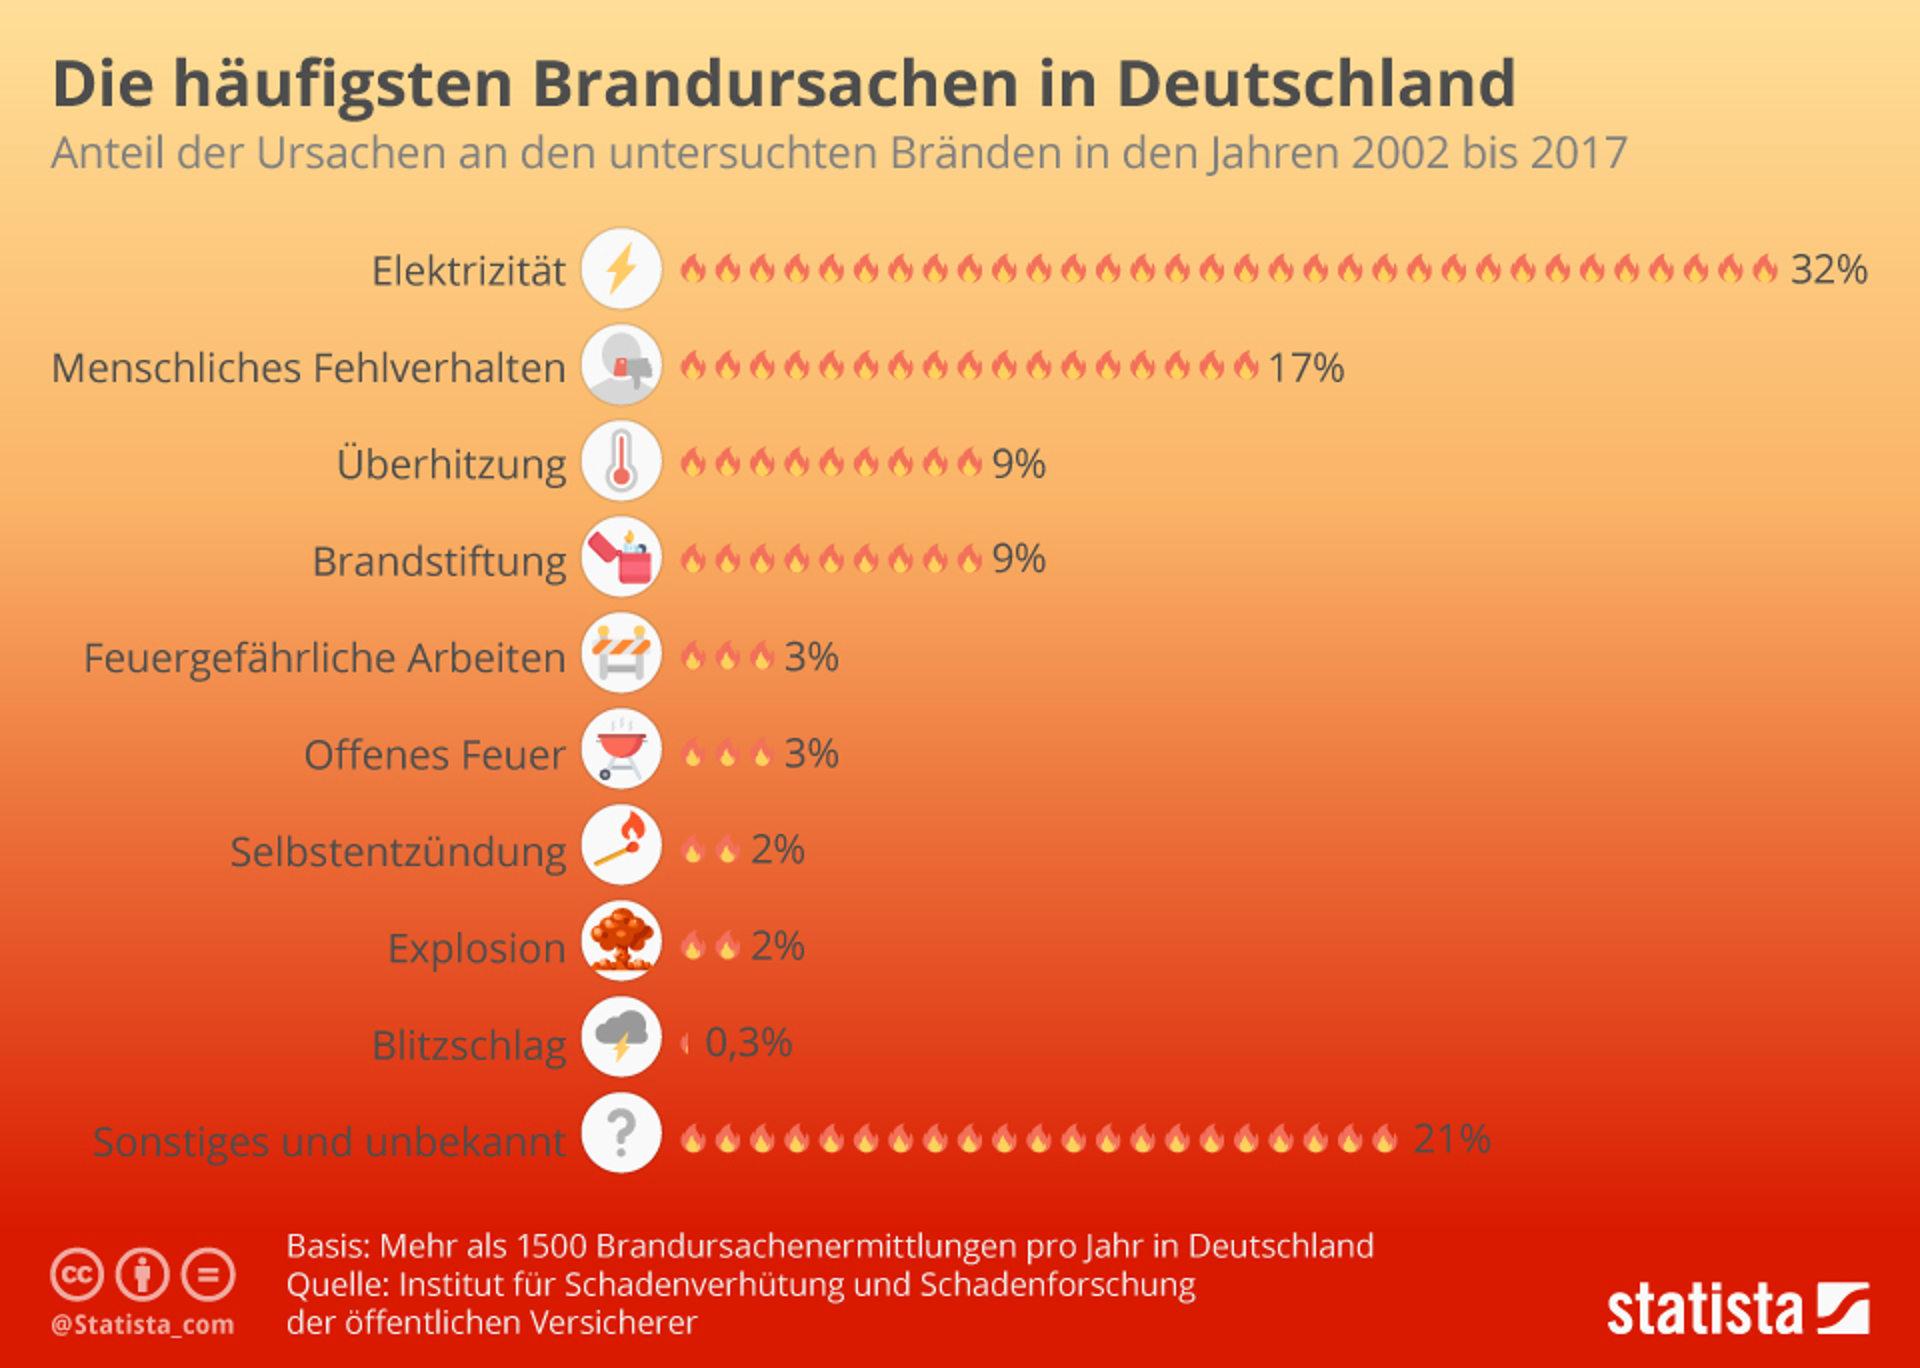 Die häufigsten Brandursachen in Deutschland